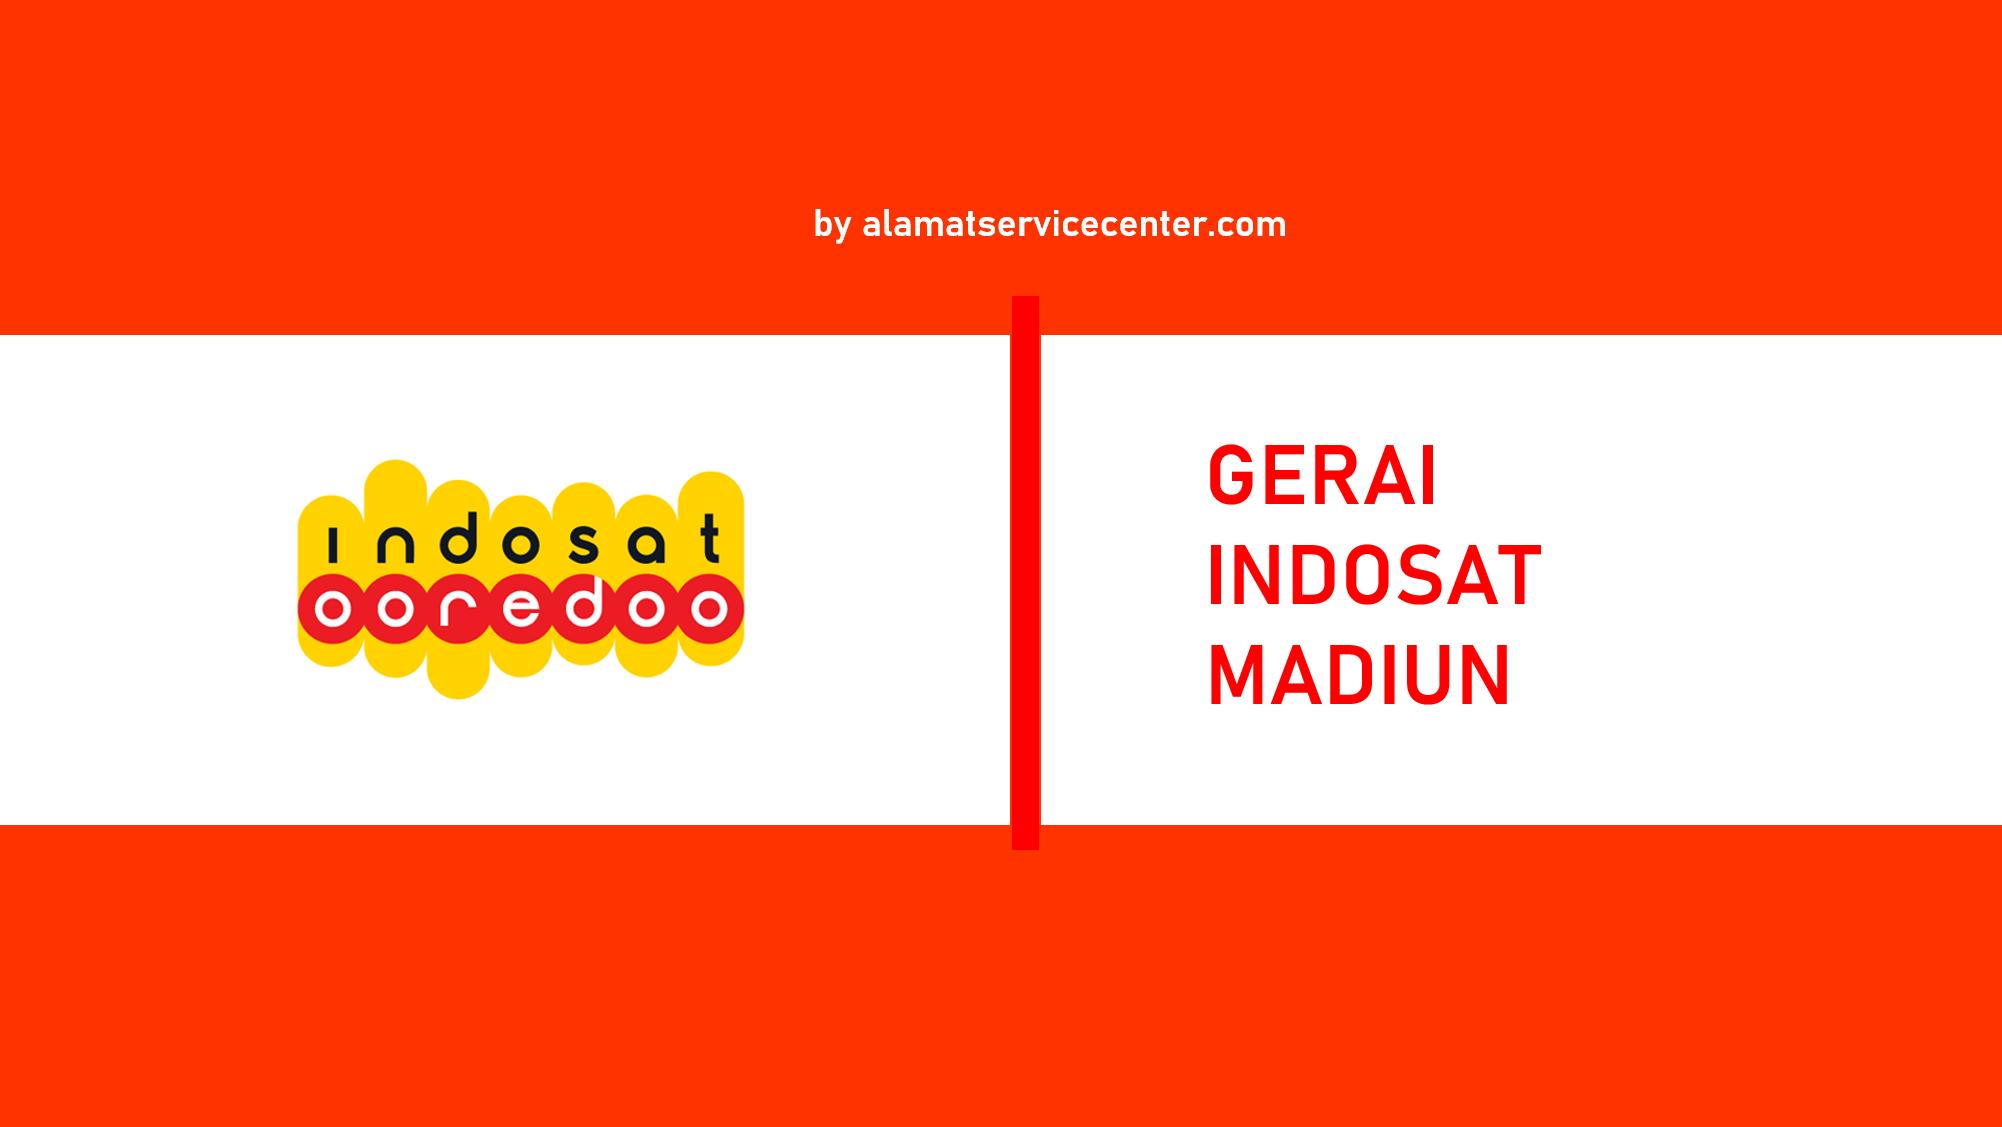 Gerai Indosat Madiun